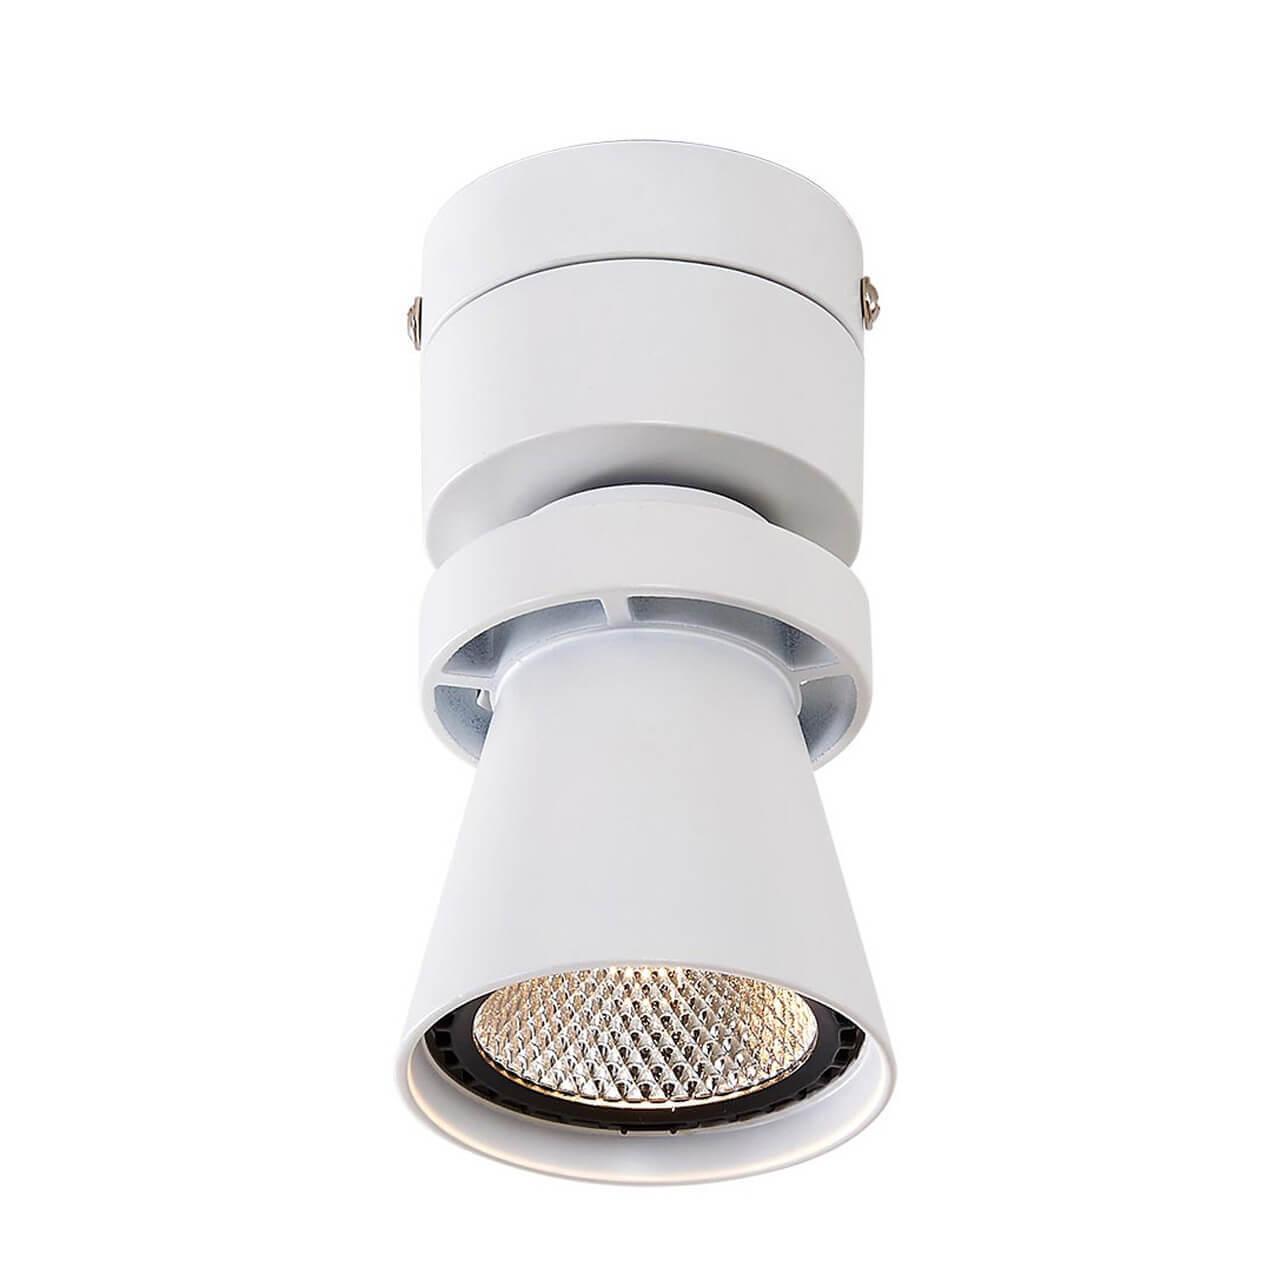 Светильник Citilux CL556510 Дубль-1 потолочный светодиодный светильник citilux дубль cl556102